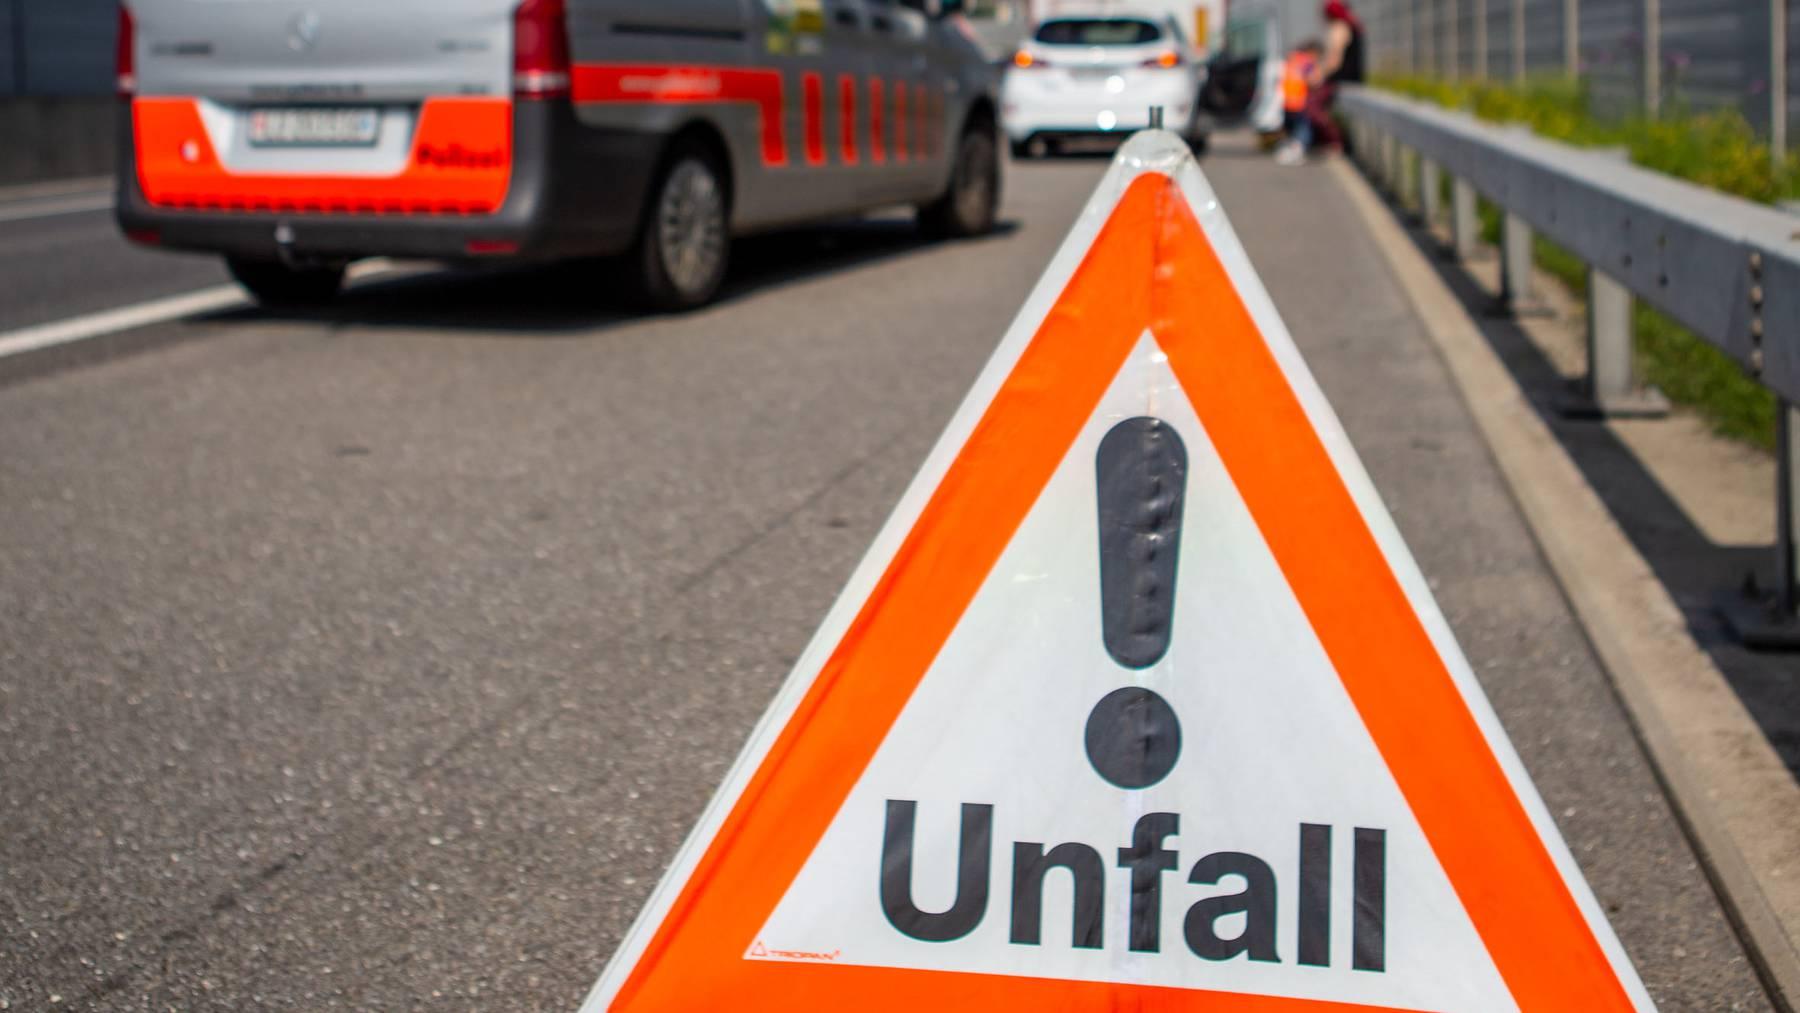 Die Zahl der schweren Unfälle auf Schweizer Strassen hat im ersten Halbjahr 2021 abgenommen. (Symbolbild)